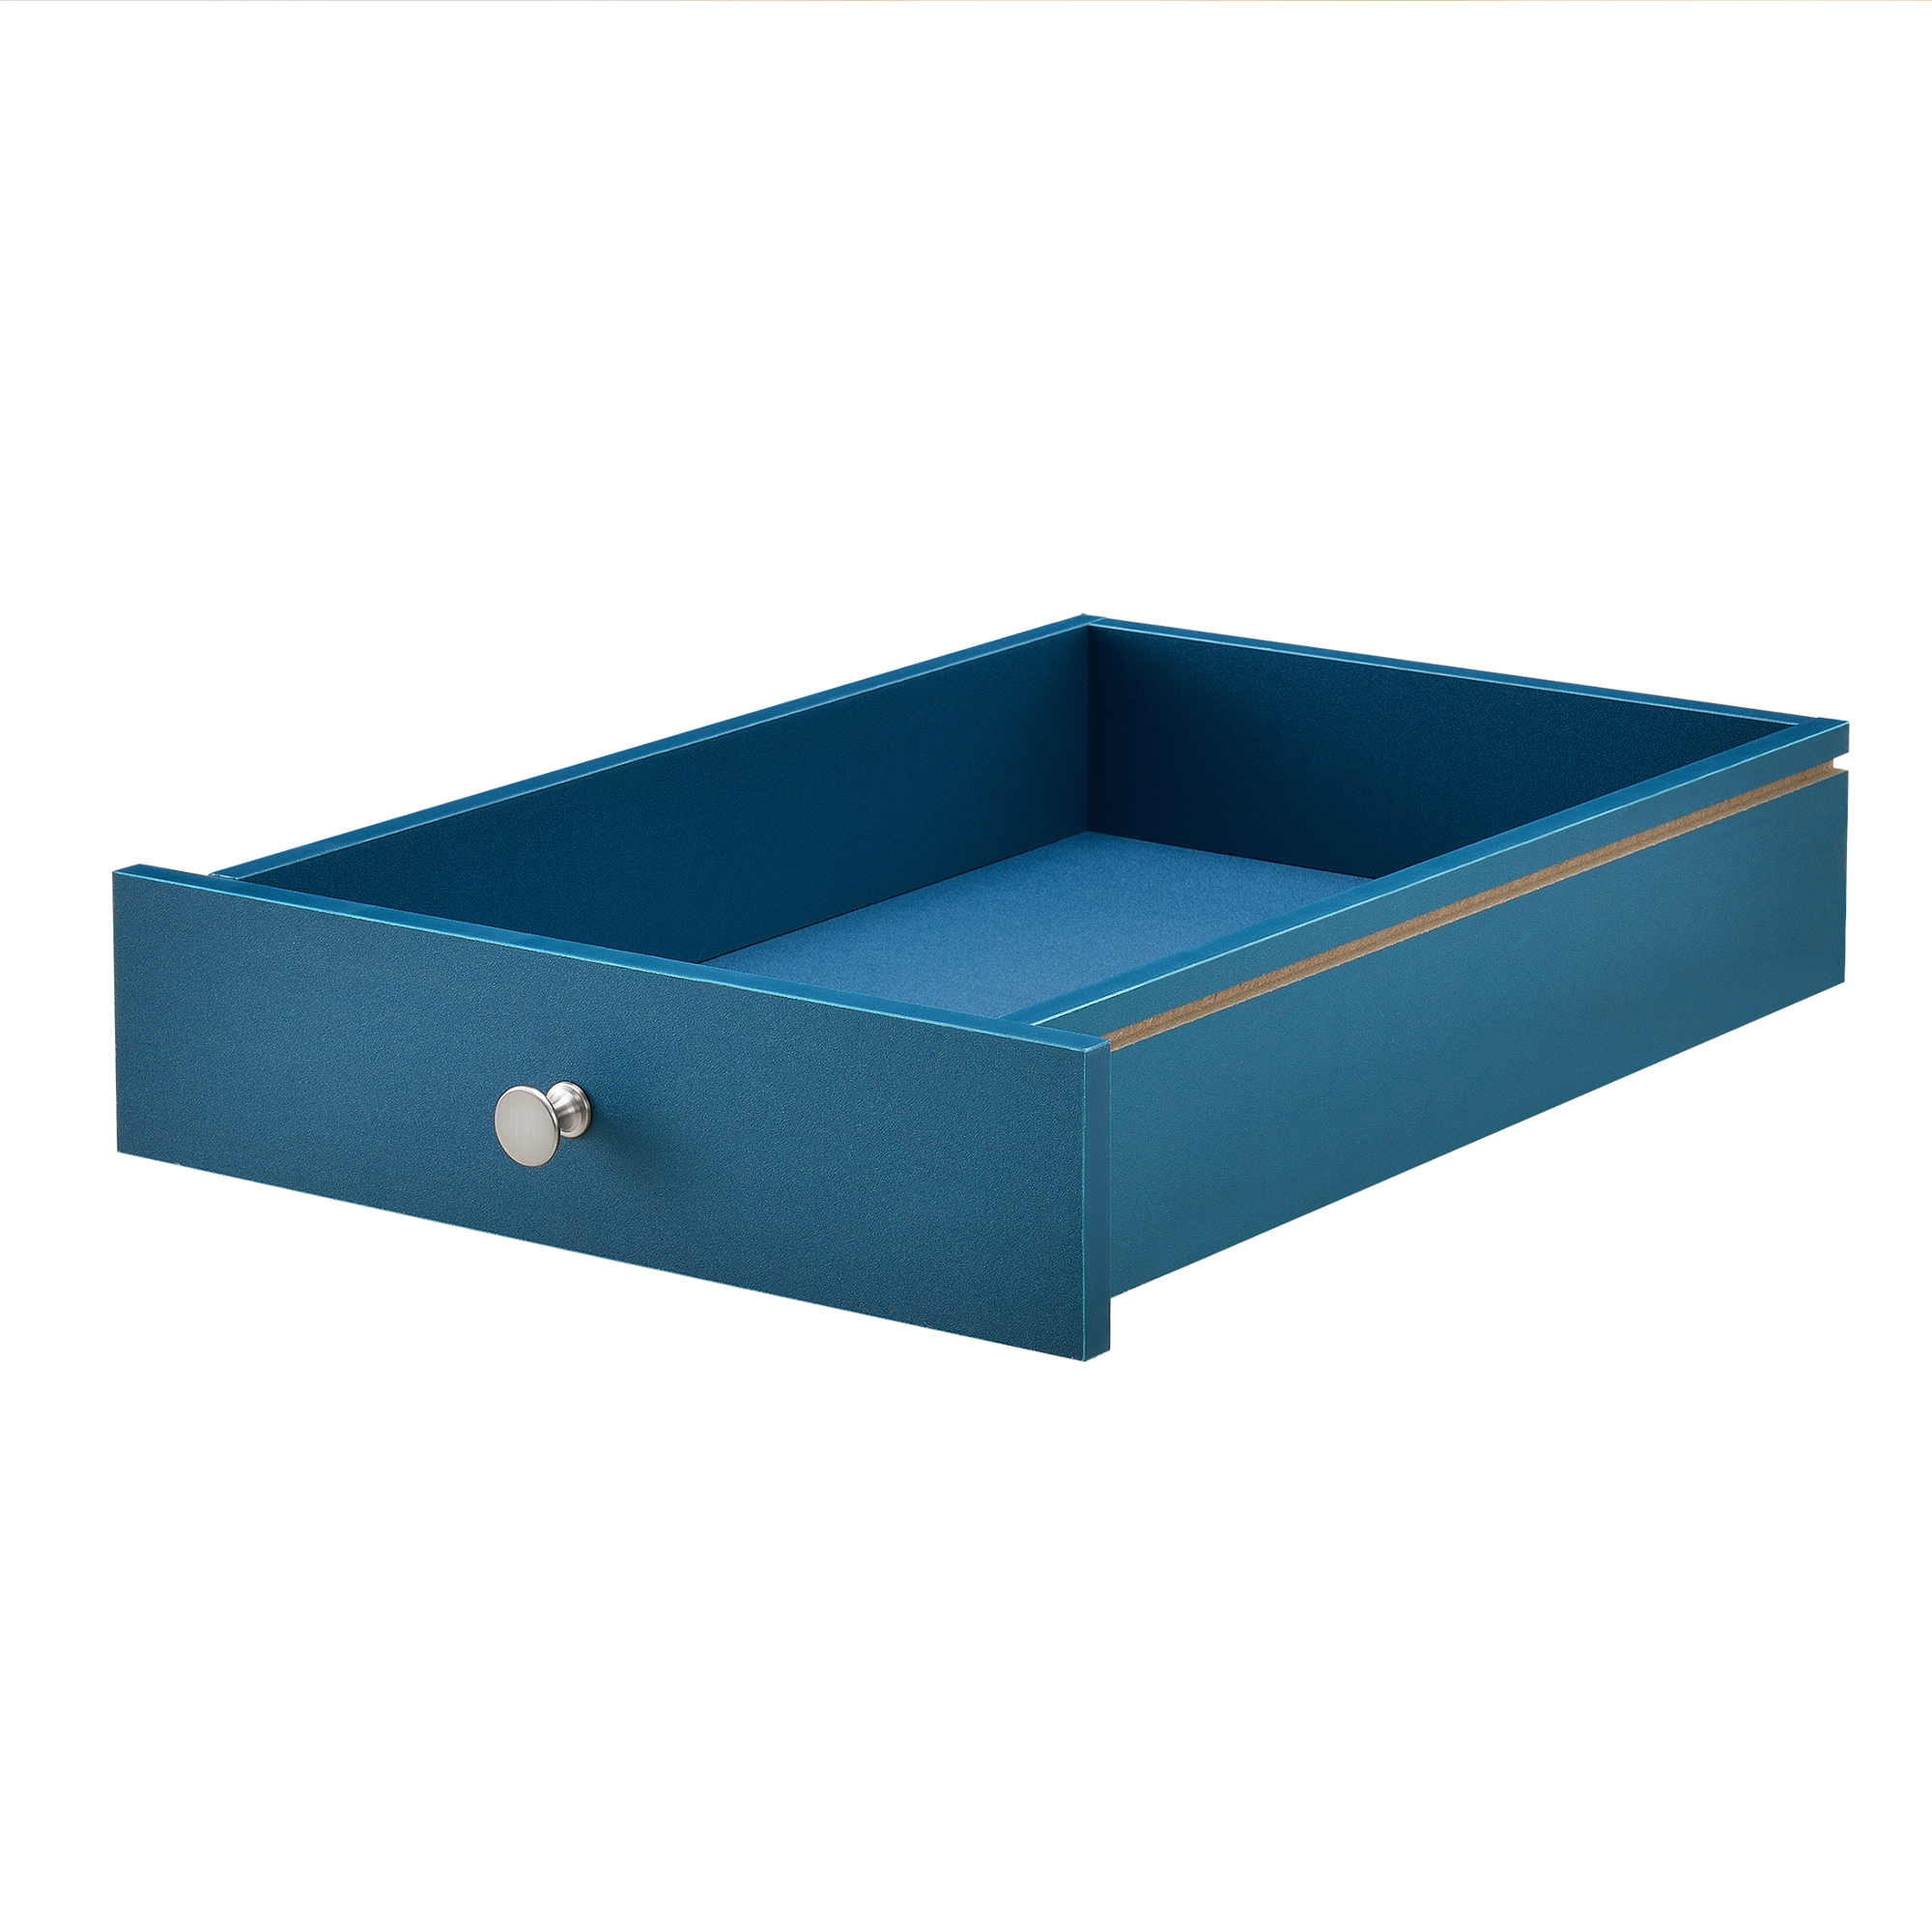 schublade f r paletten regal schublade m bel kommode couch tisch bett ebay. Black Bedroom Furniture Sets. Home Design Ideas